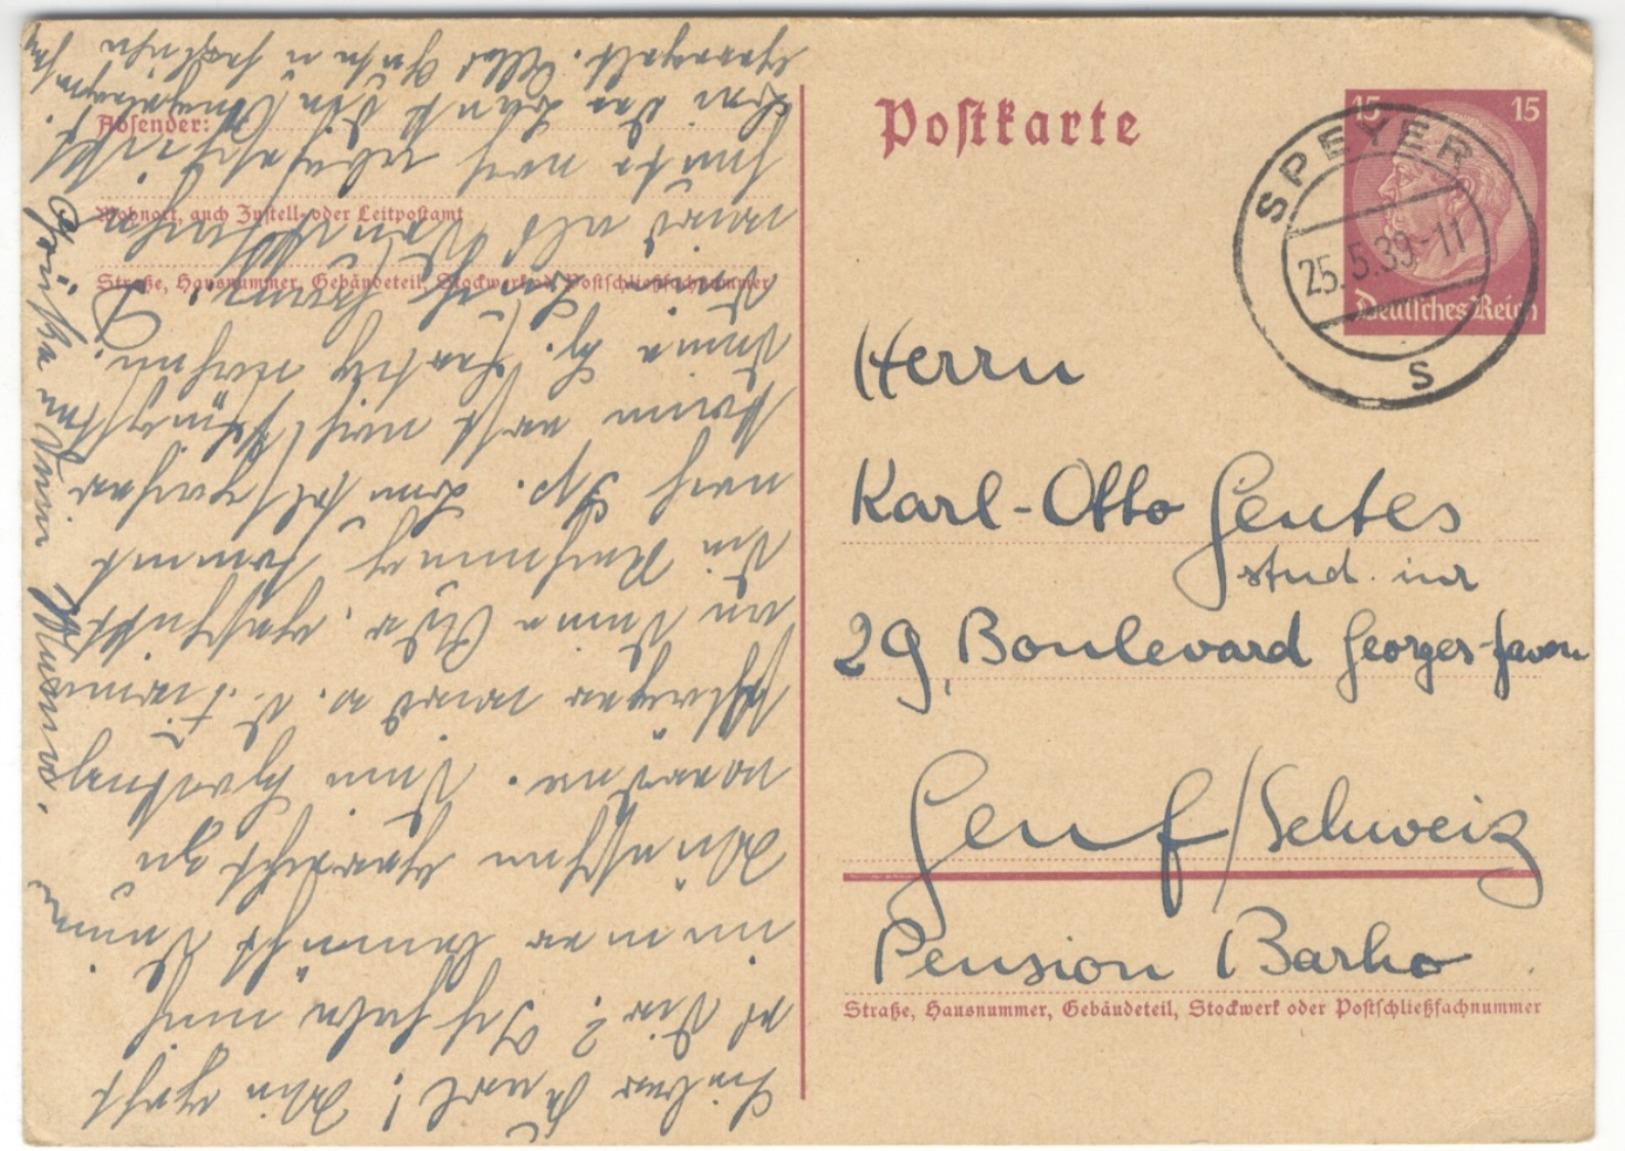 G19 DR Ganzsache Postkarte P 227 Hindenburg 1939 15 Pf. Ausland Schweiz Handstempel Speyer S N. Genf - Germany